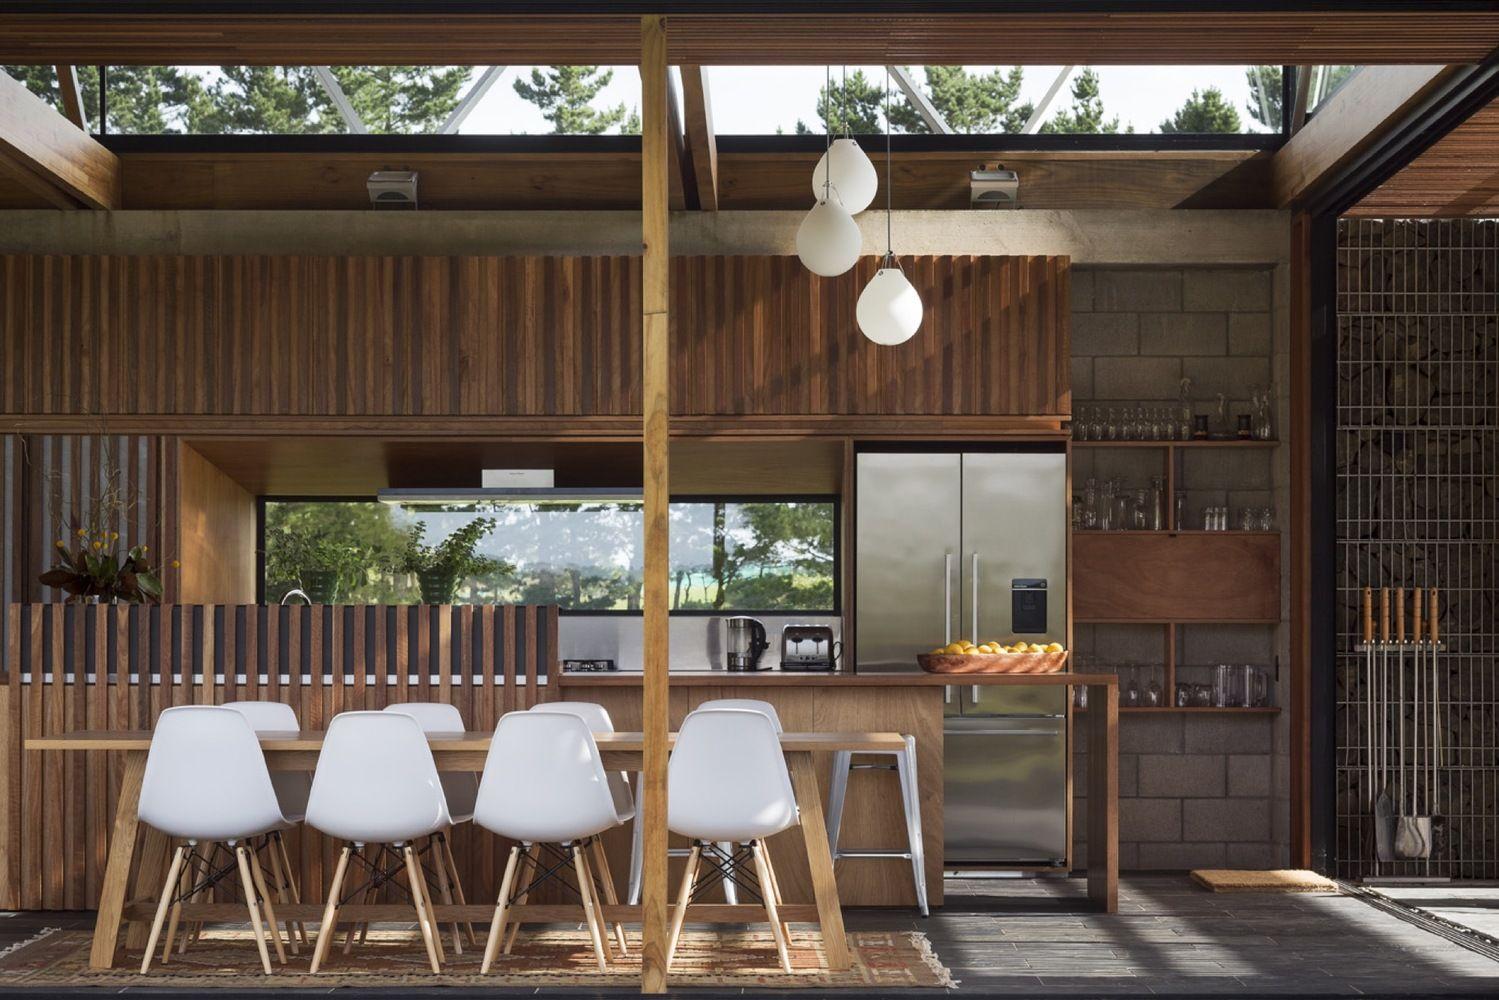 Küchendesign im freien gallery of bramasole  herbst architects    interior design